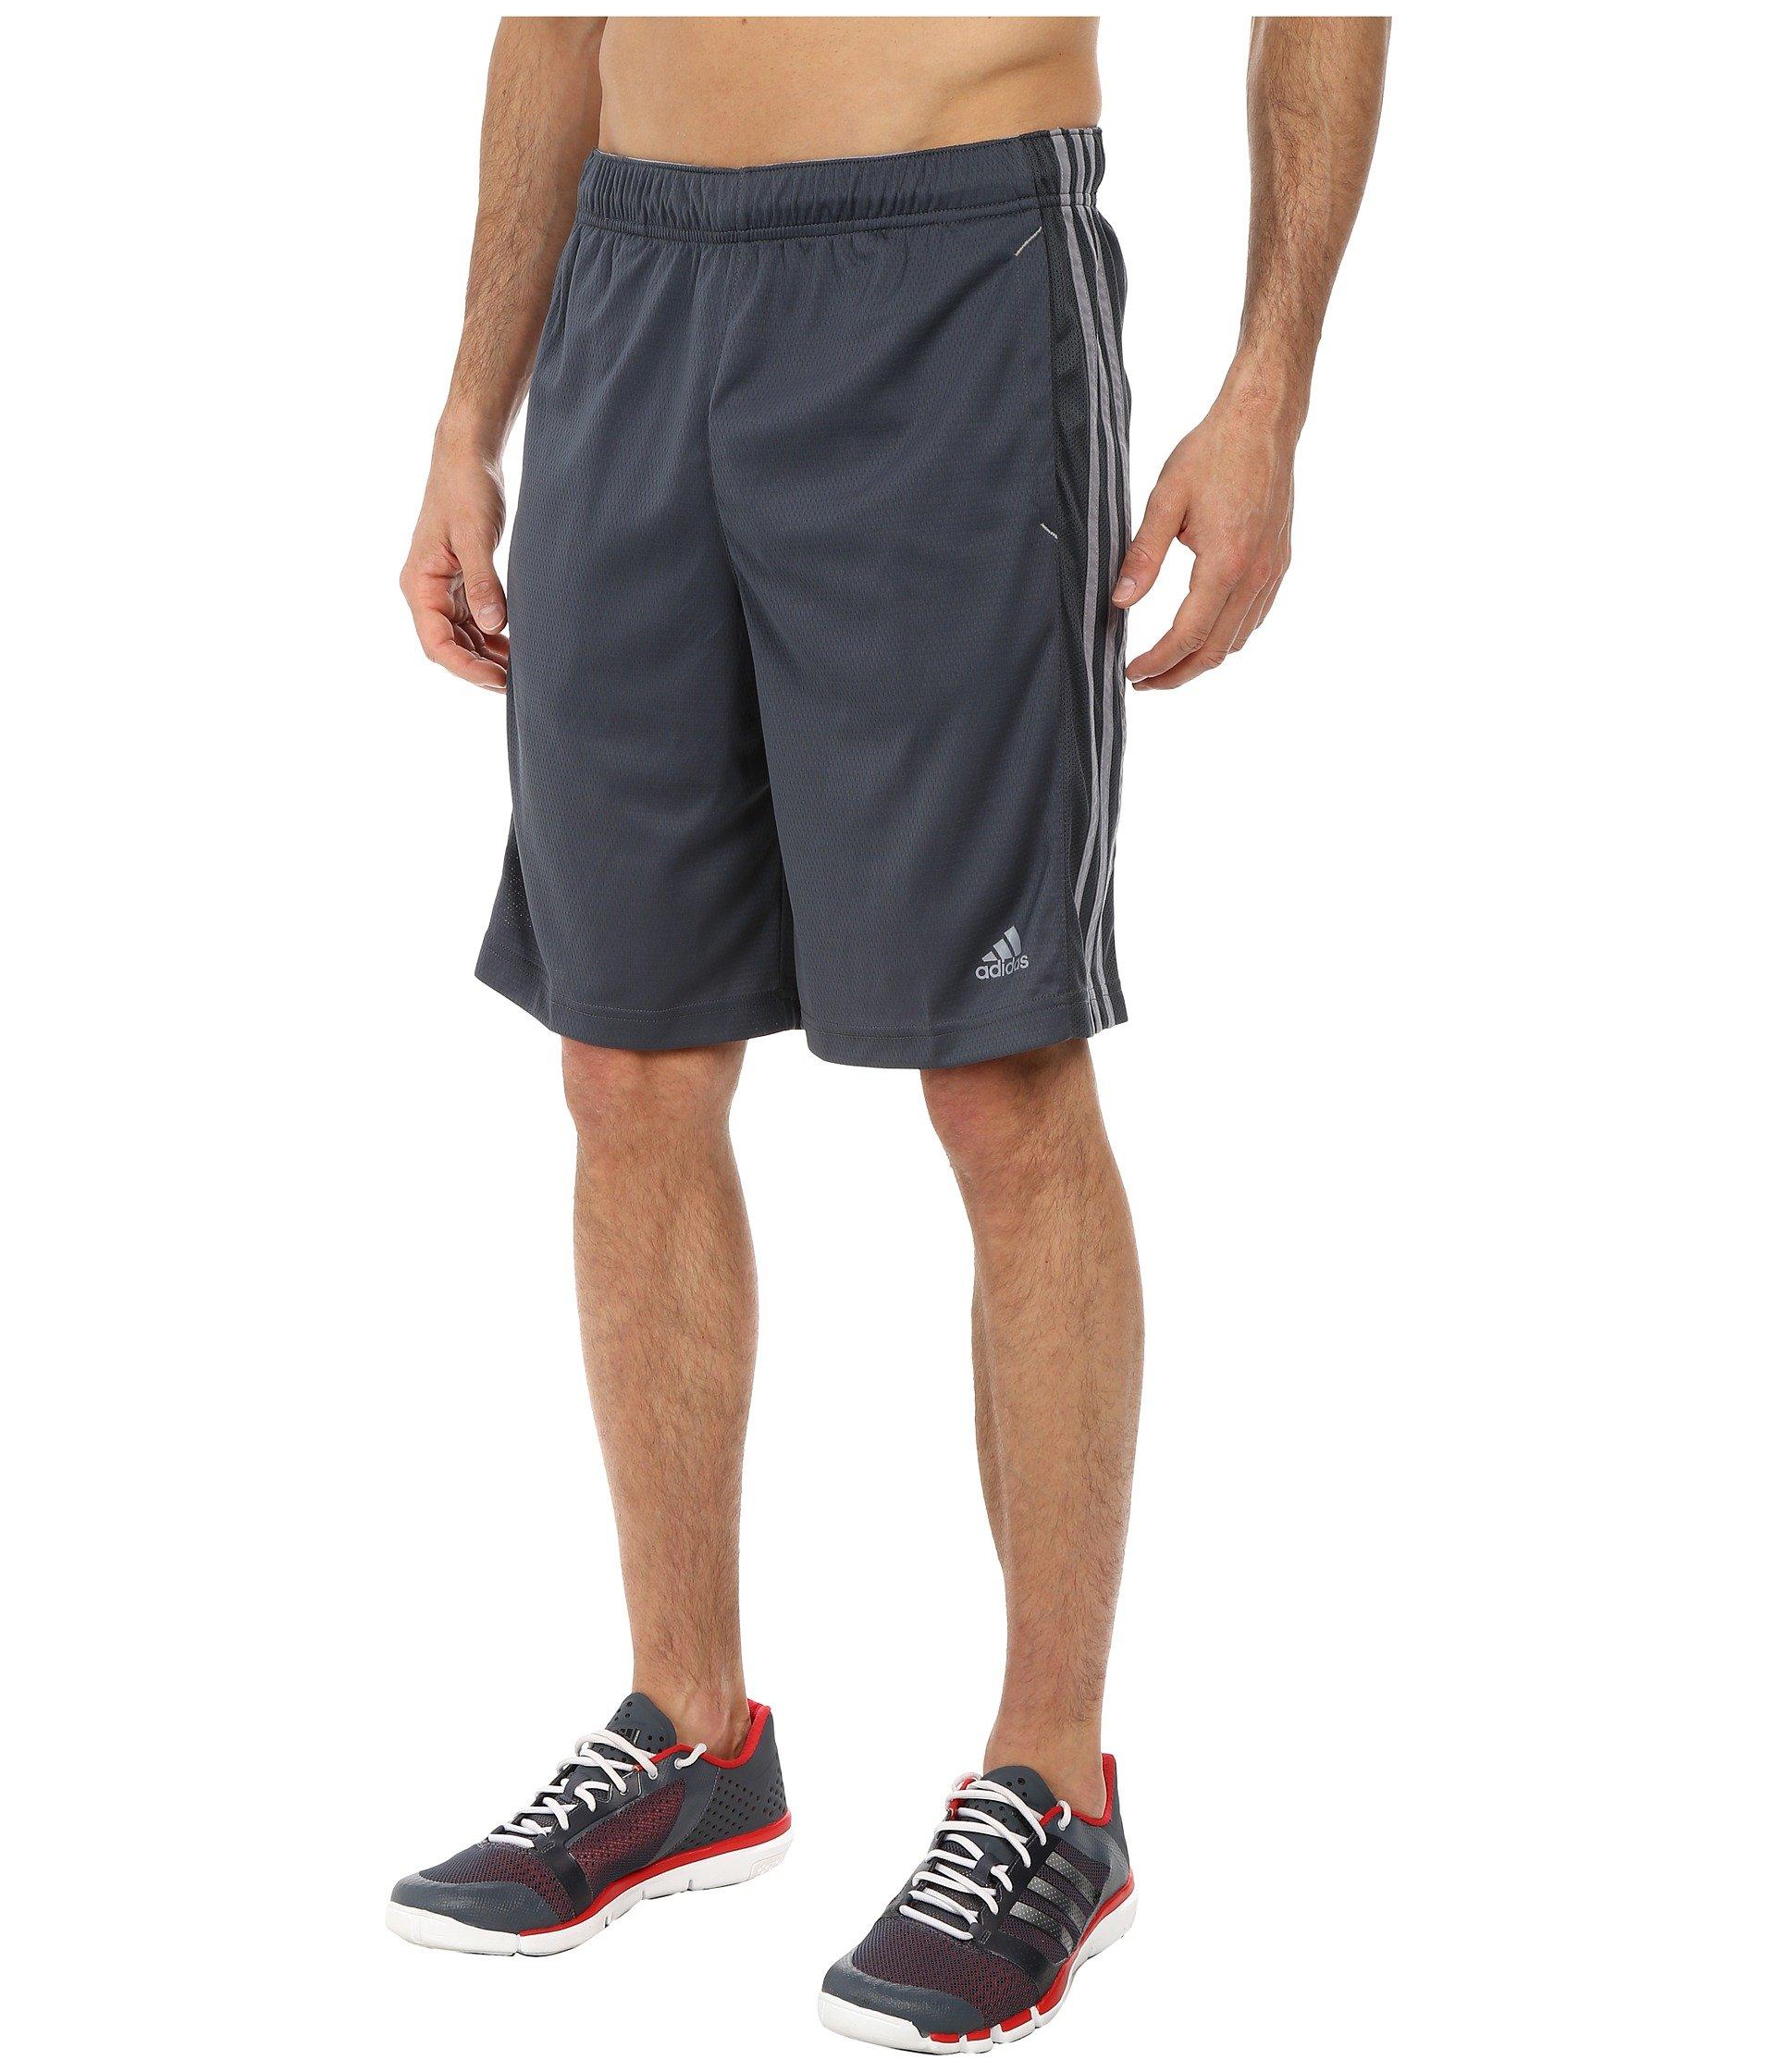 adidas Men's Essentials 3-Stripe Shorts, Dark Onix/Tech Grey, XXXX-Large